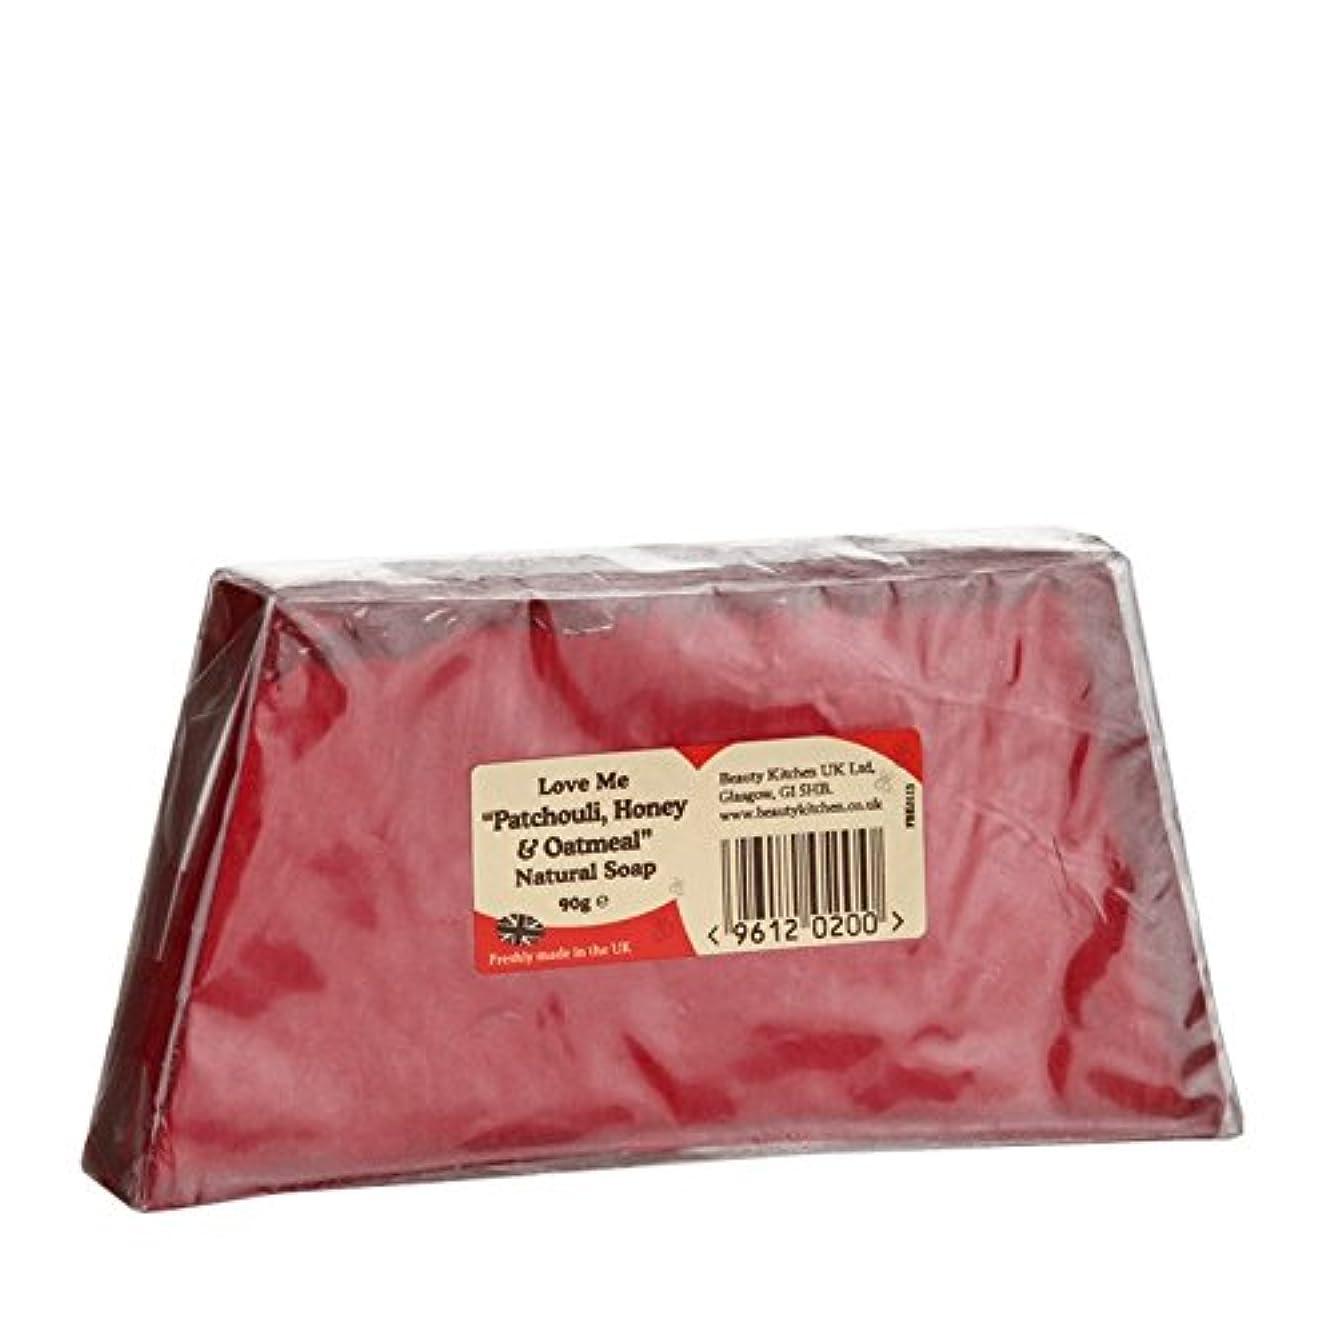 省略ネックレット解放するBeauty Kitchen Love Me Patchouli, Honey & Oatmeal Natural Soap 90g (Pack of 2) - 美しさのキッチンは私にパチョリ、ハニー&オートミール、天然石鹸...